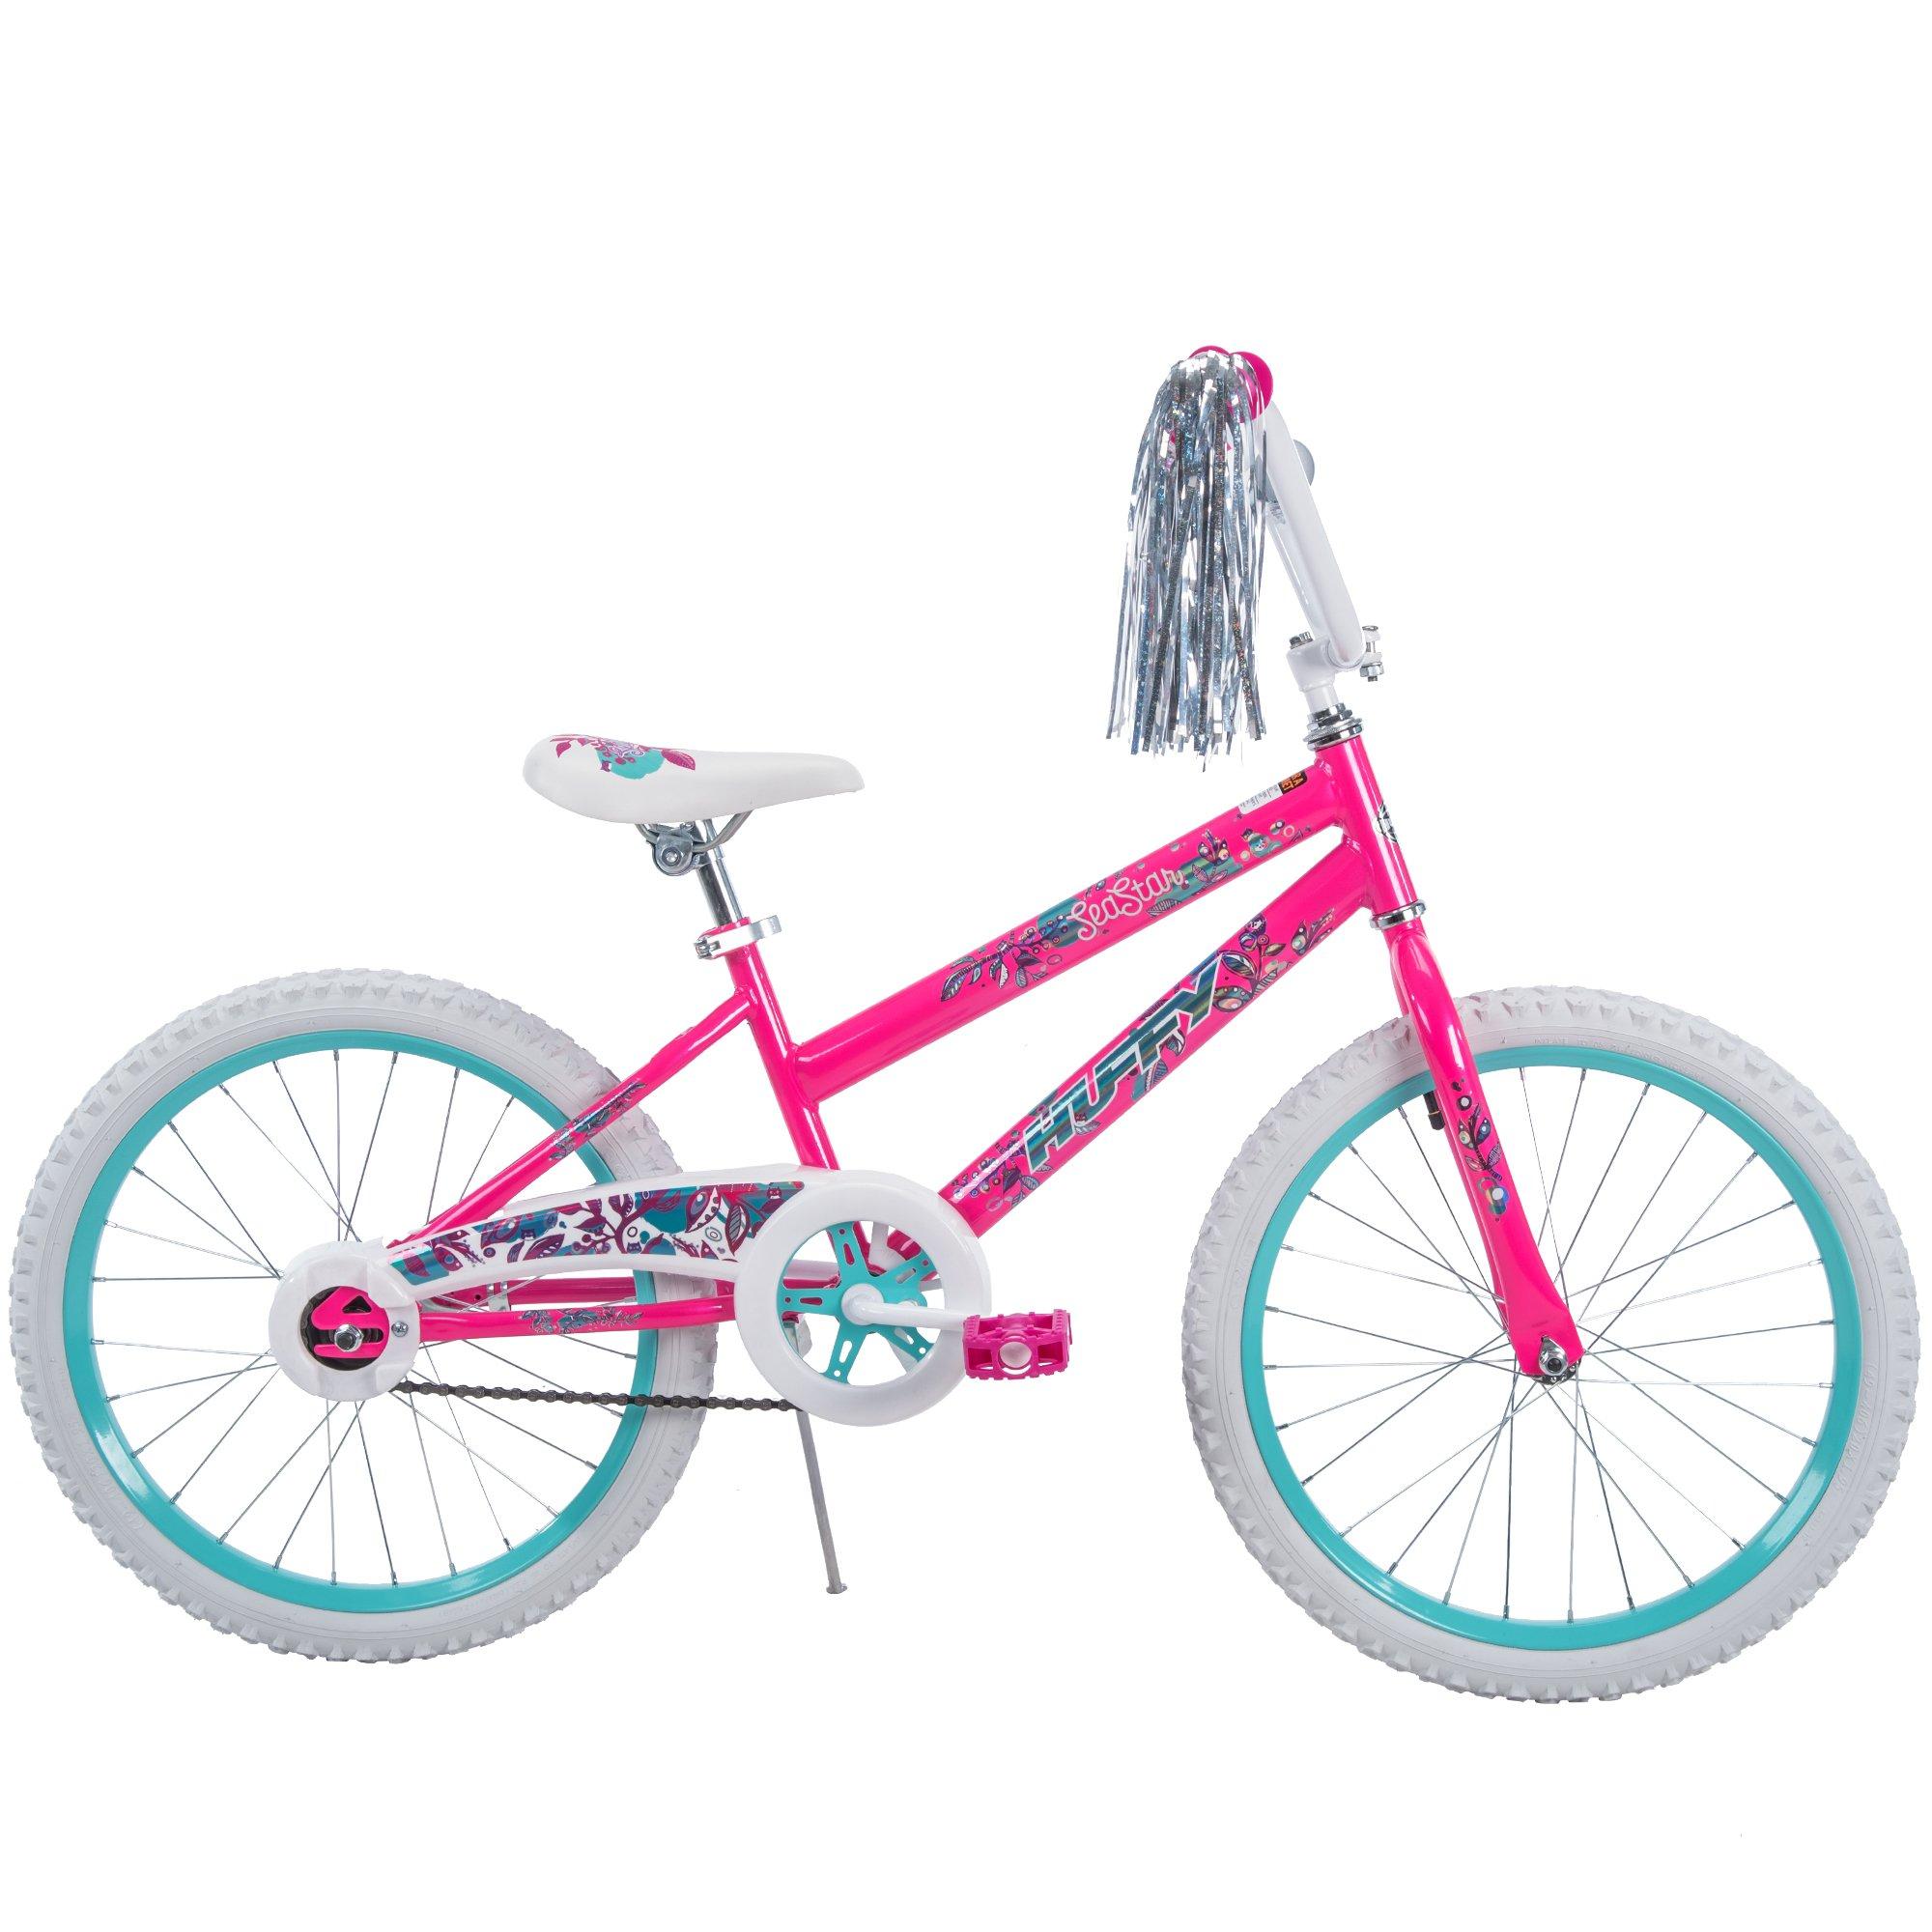 20'' Huffy Sea Star Girls' Bike, Pearl White by Huffy